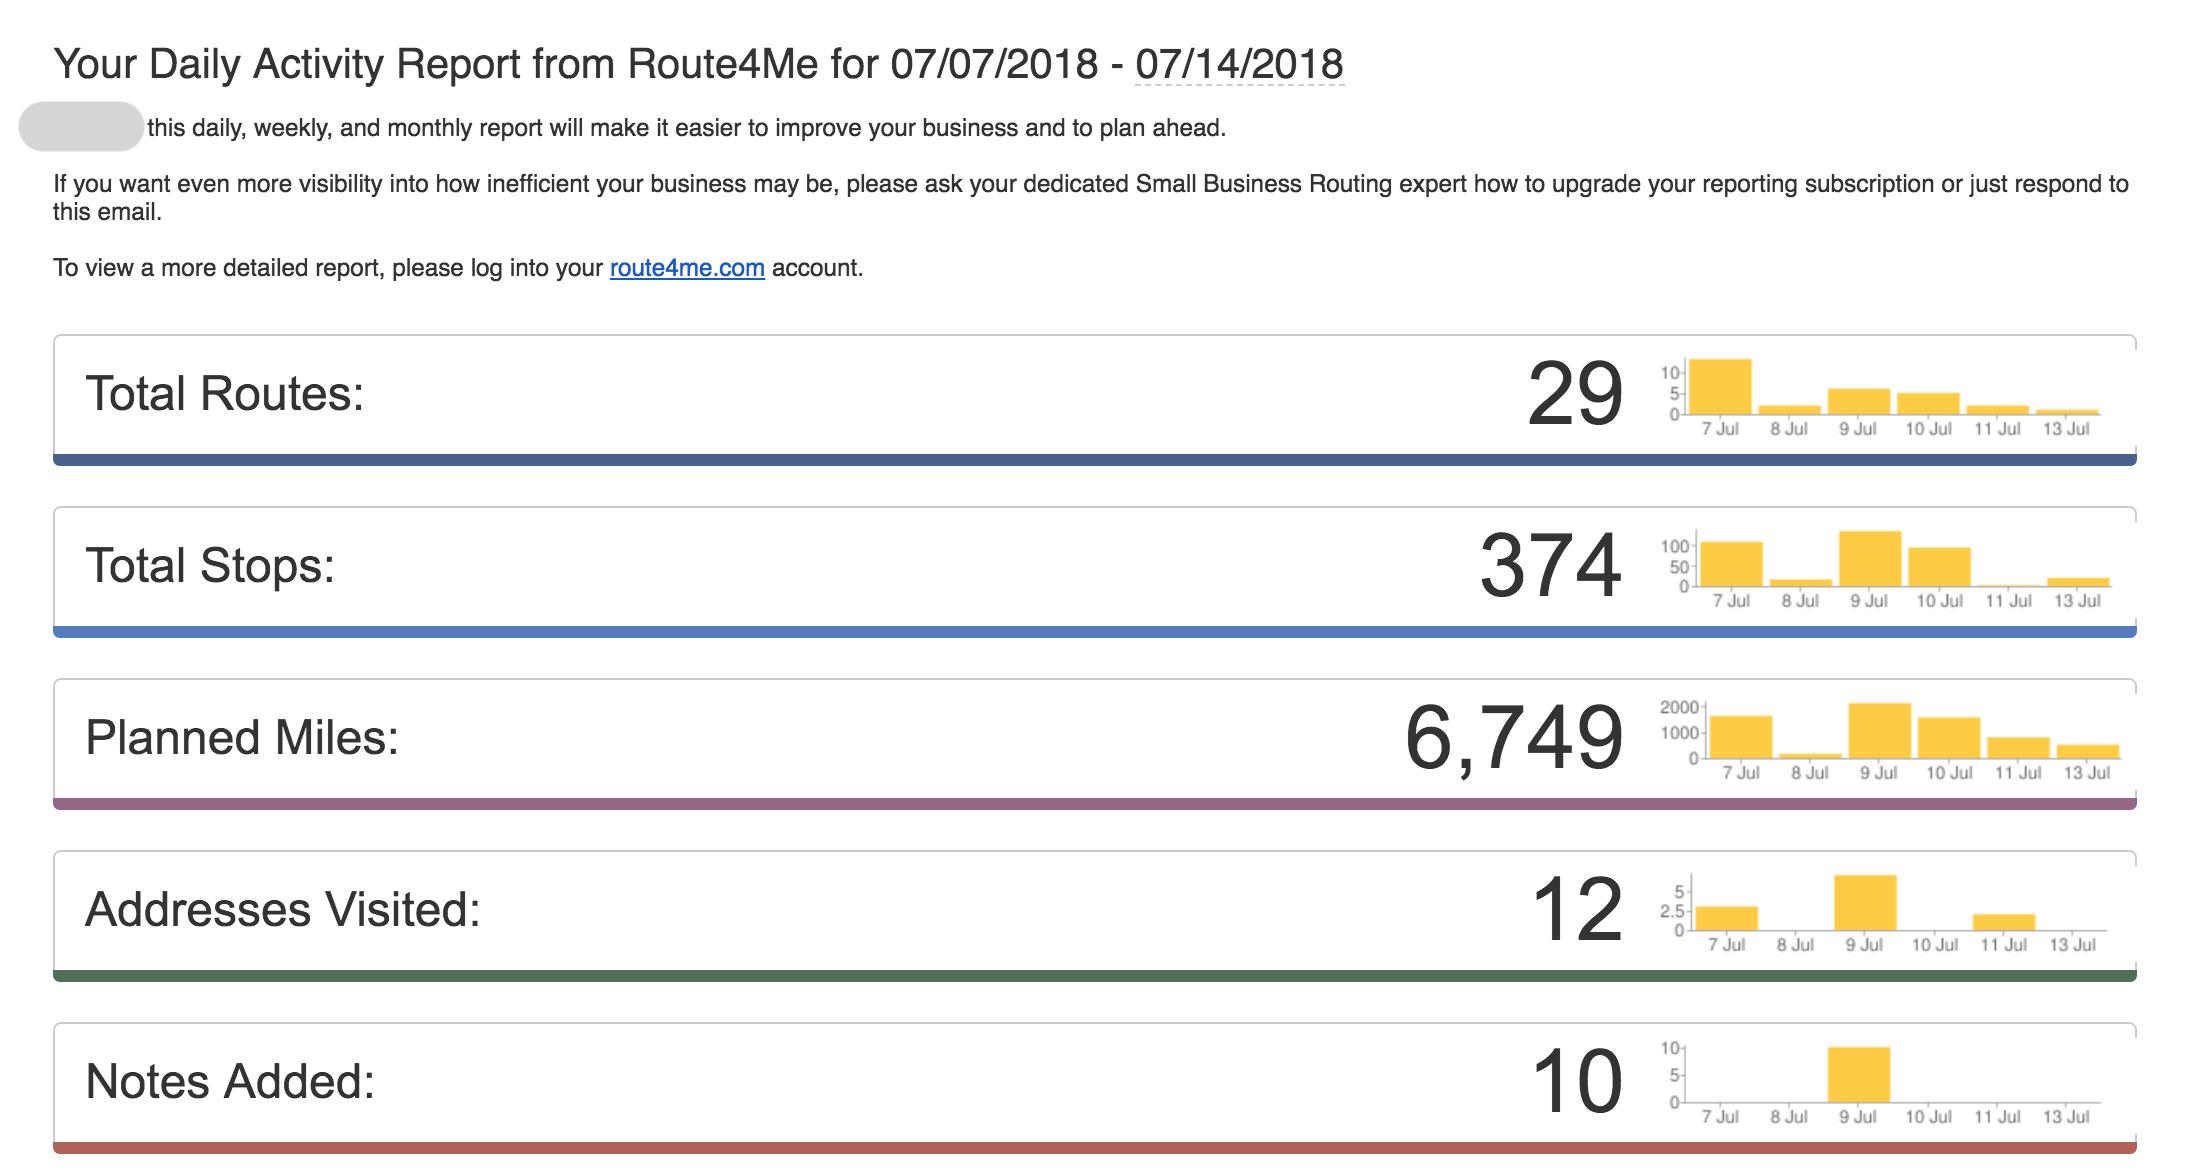 Route4Me Analytics